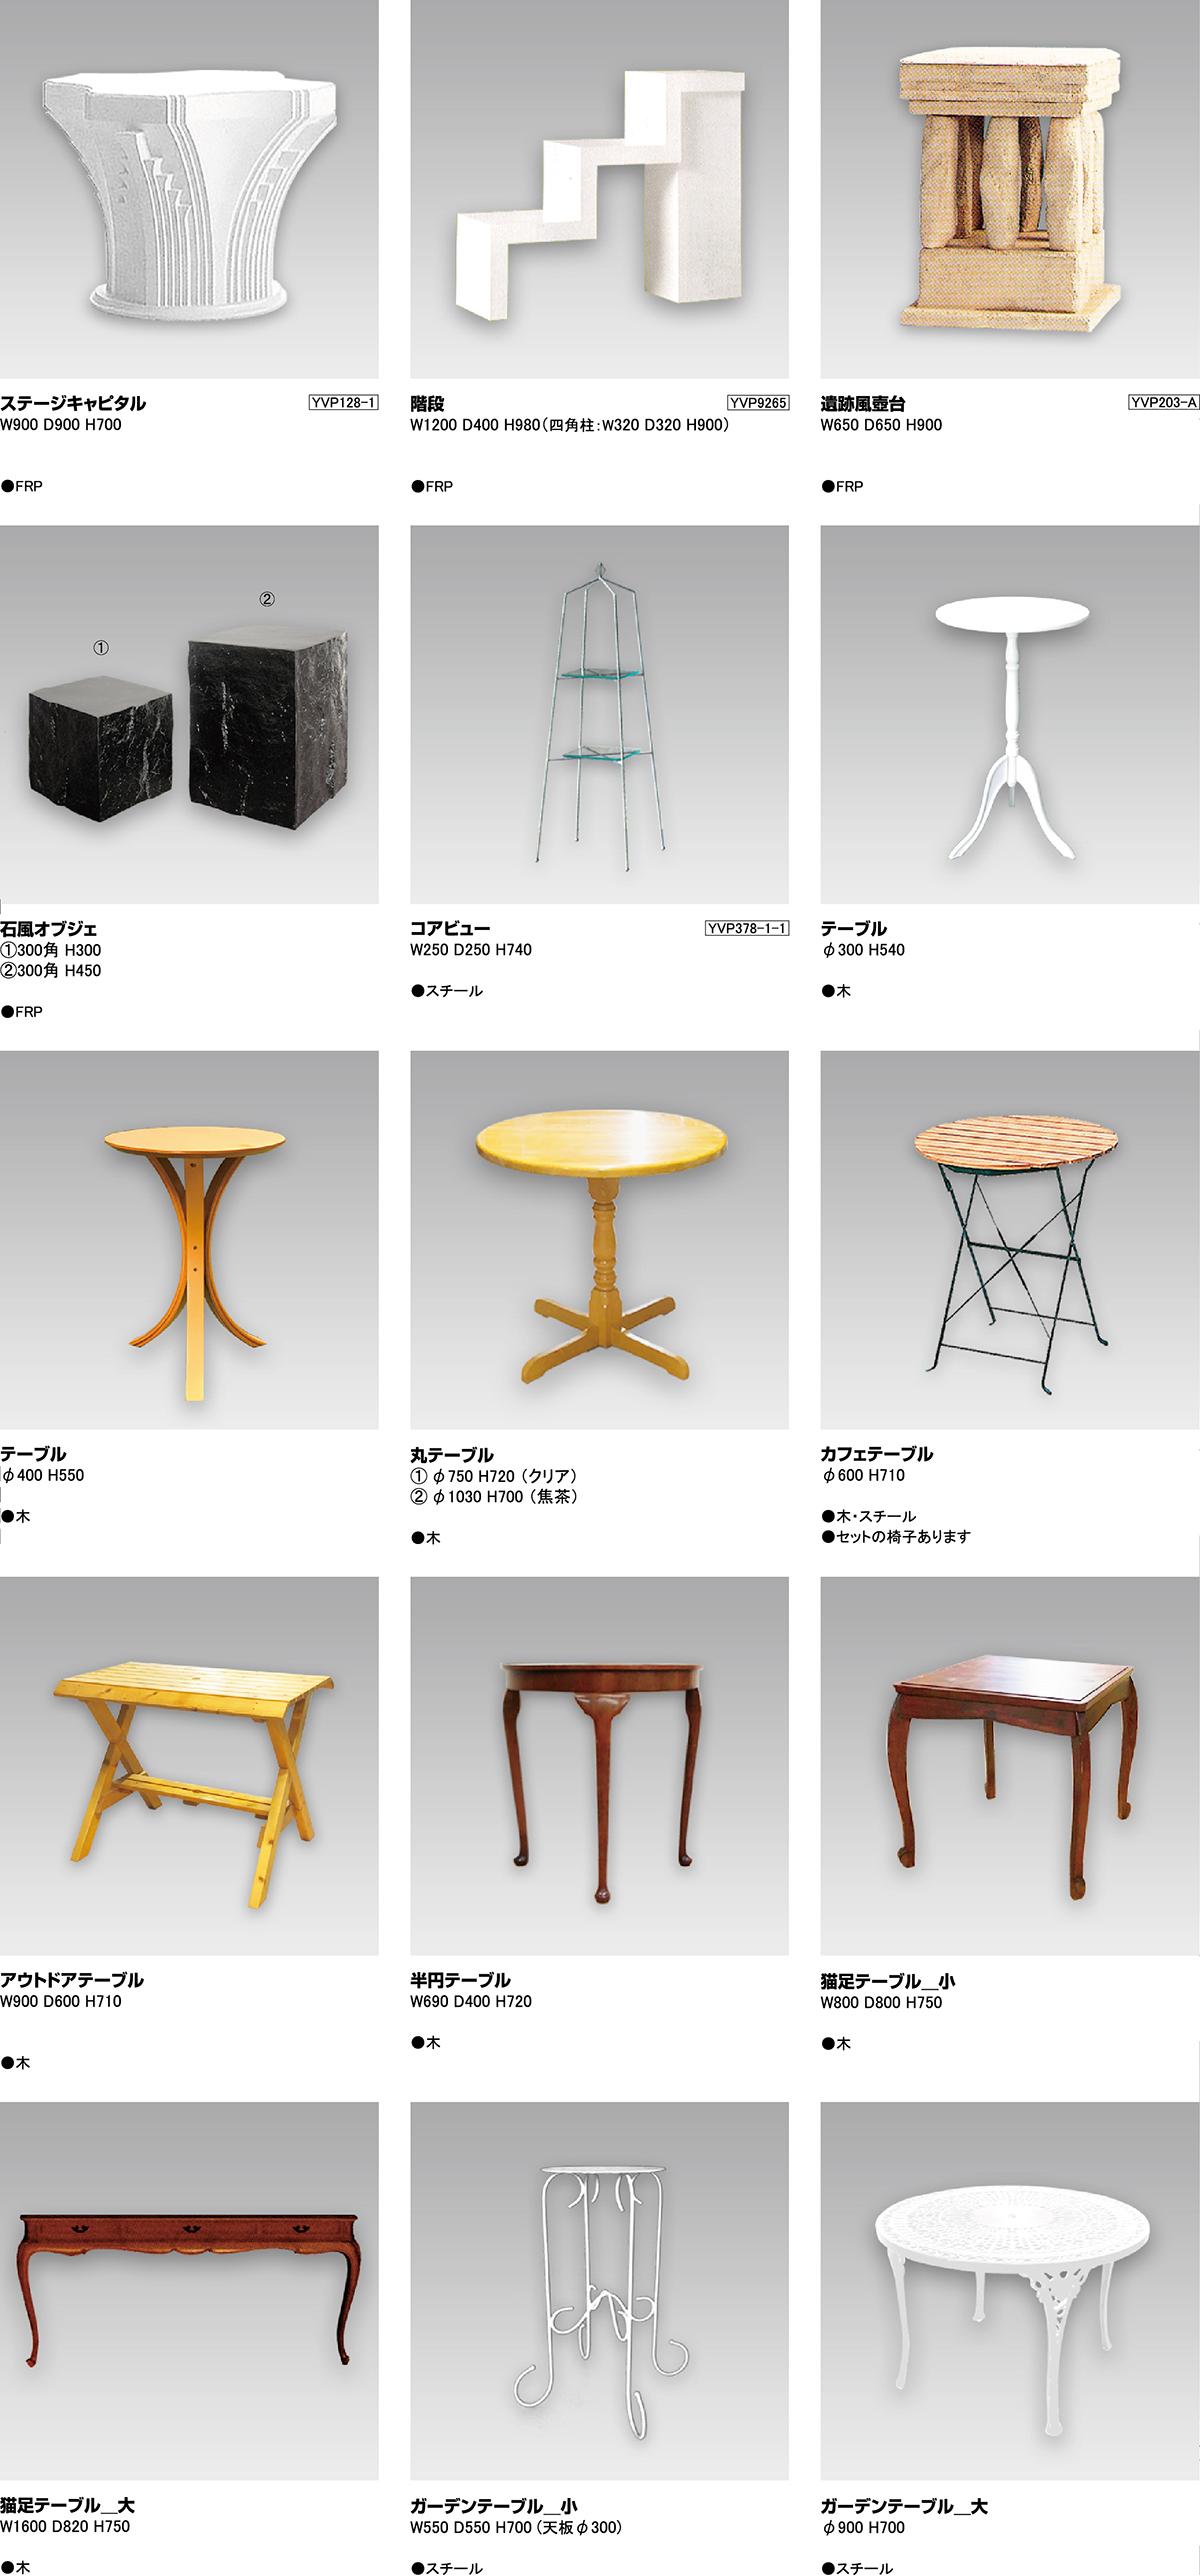 ディスプレイ台・テーブル